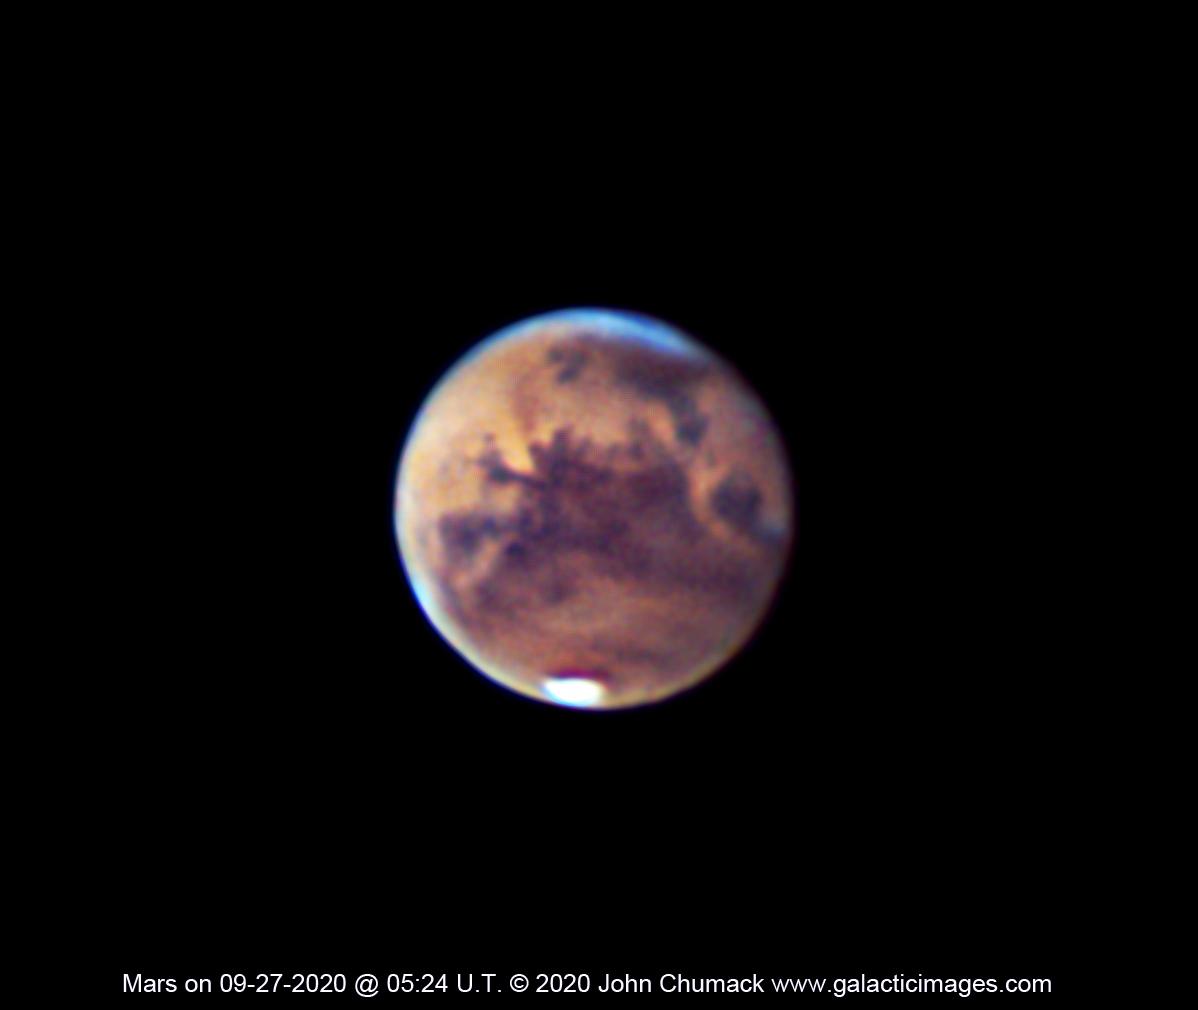 Mars on 06-27-2020 Nearing Opposition, Valles Marineris